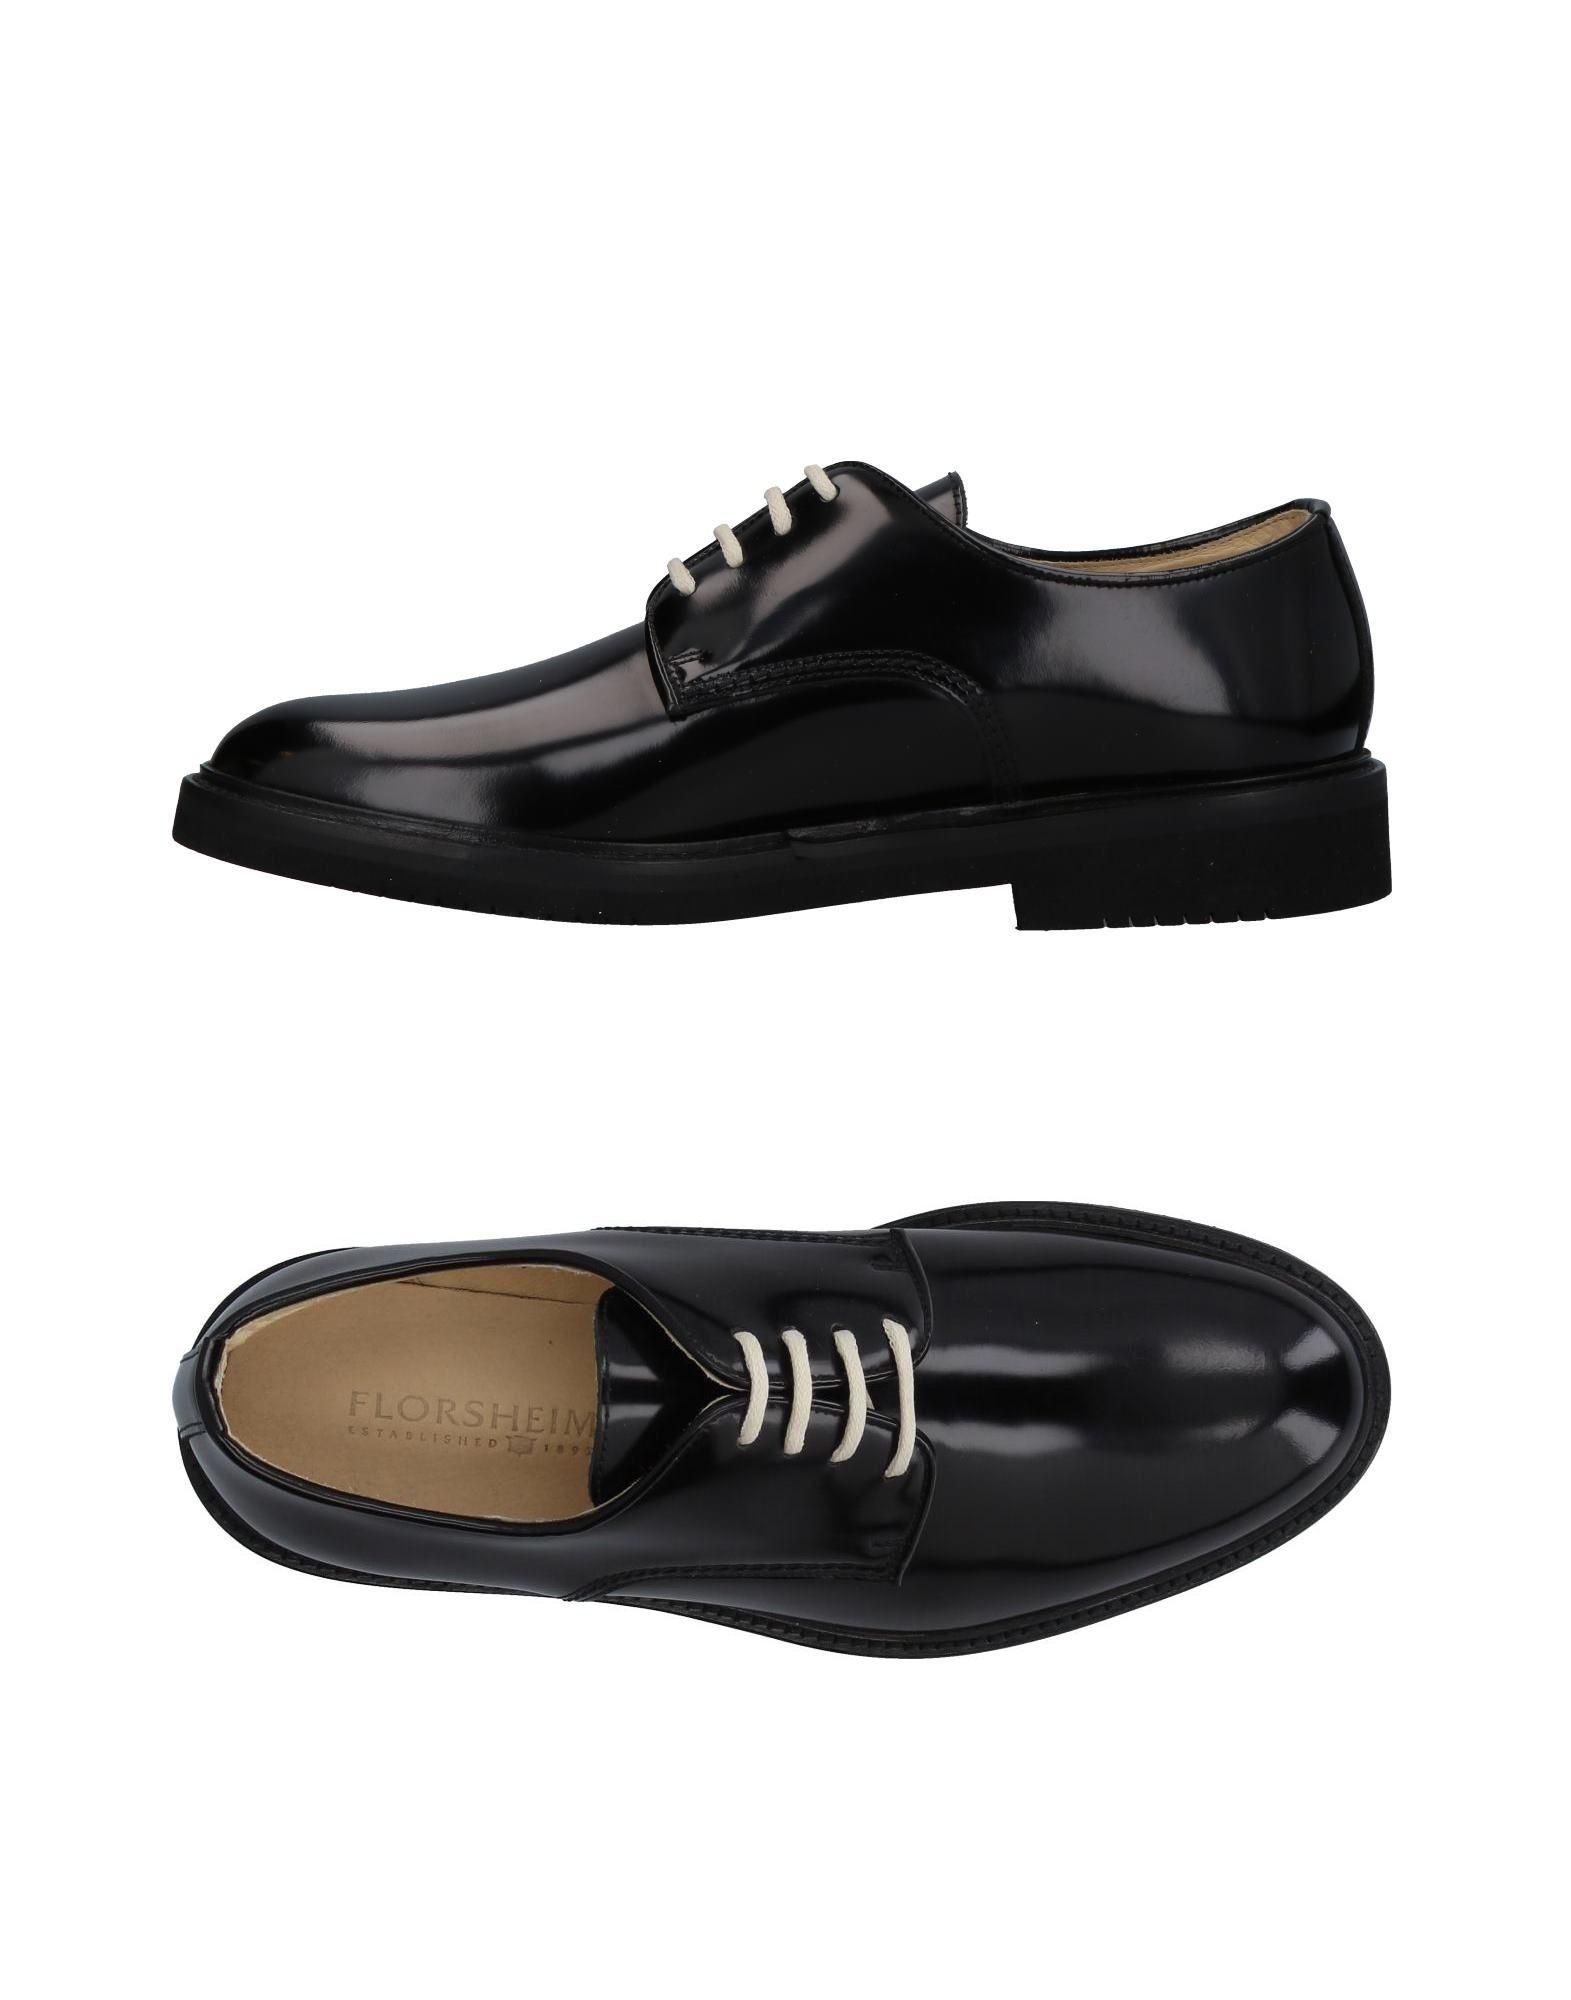 Chaussures À Lacets Florsheim Homme - Chaussures À Lacets Florsheim sur